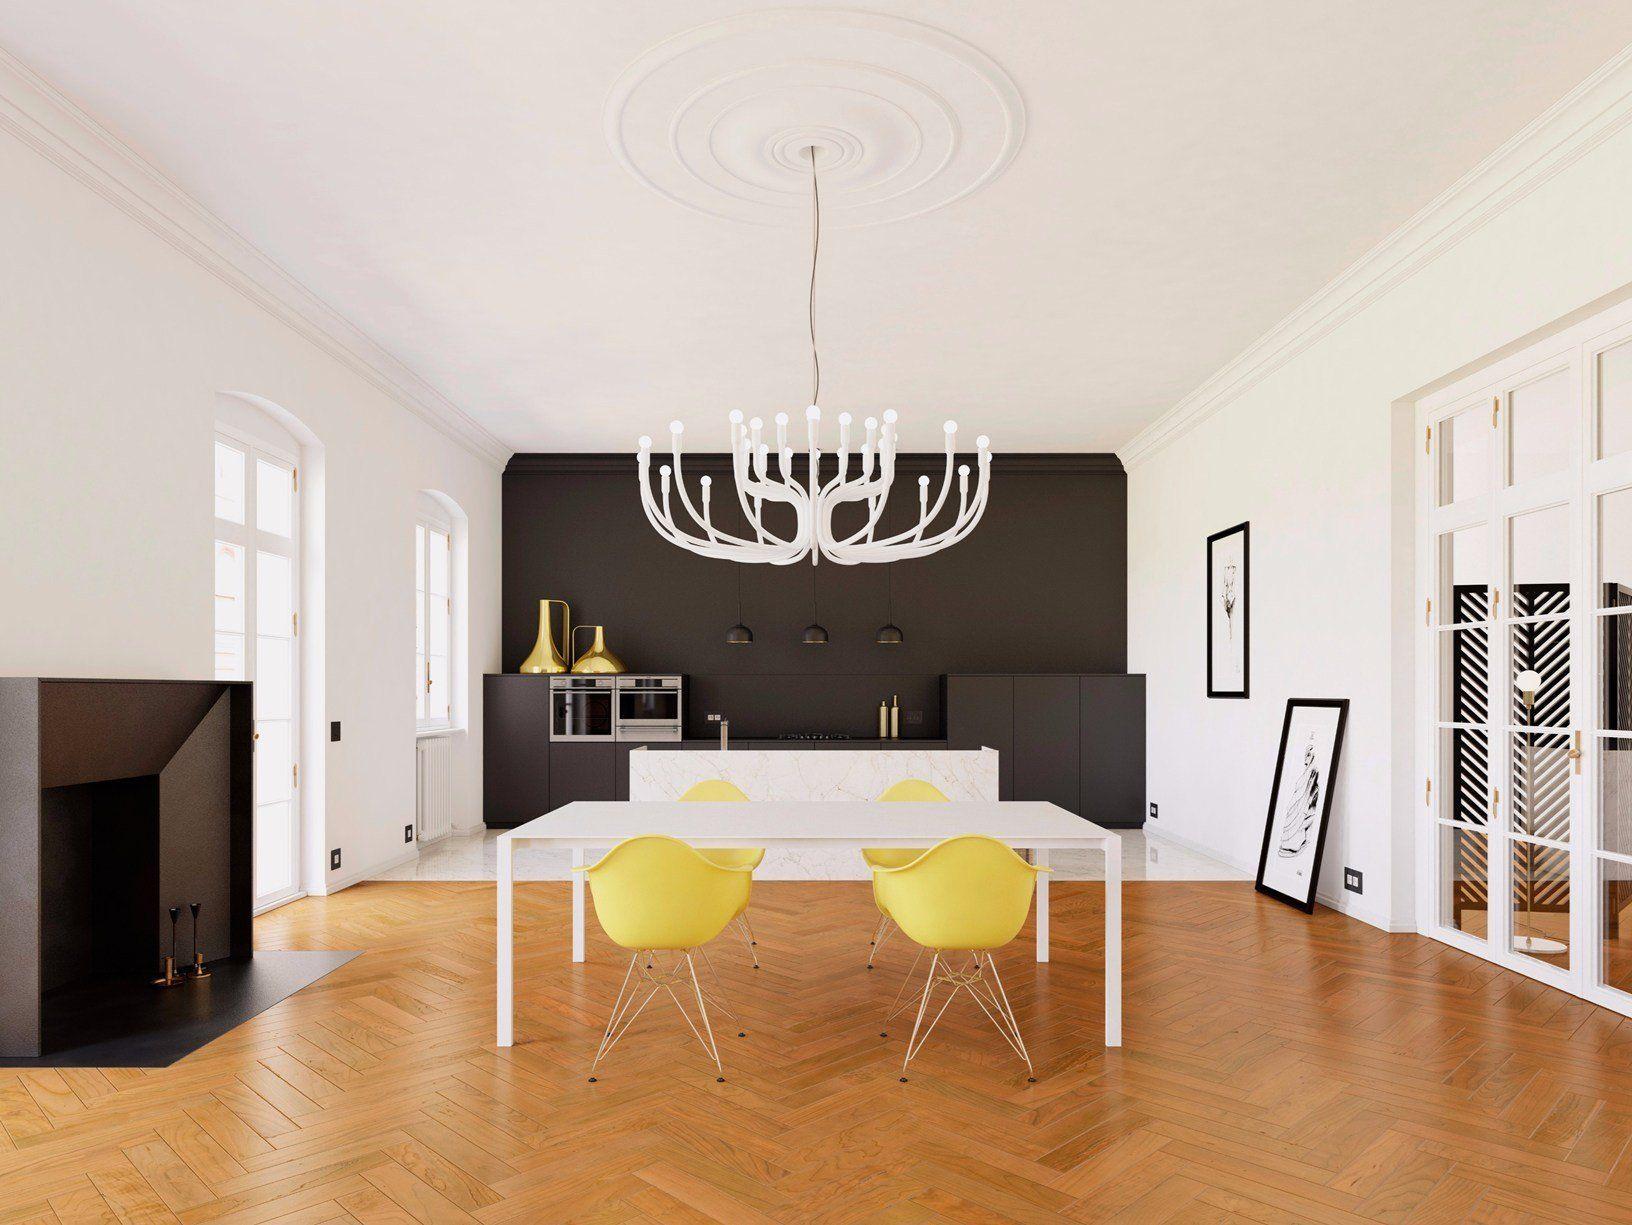 La giusta luce per la sala da pranzo - Illuminazione sala da pranzo ...